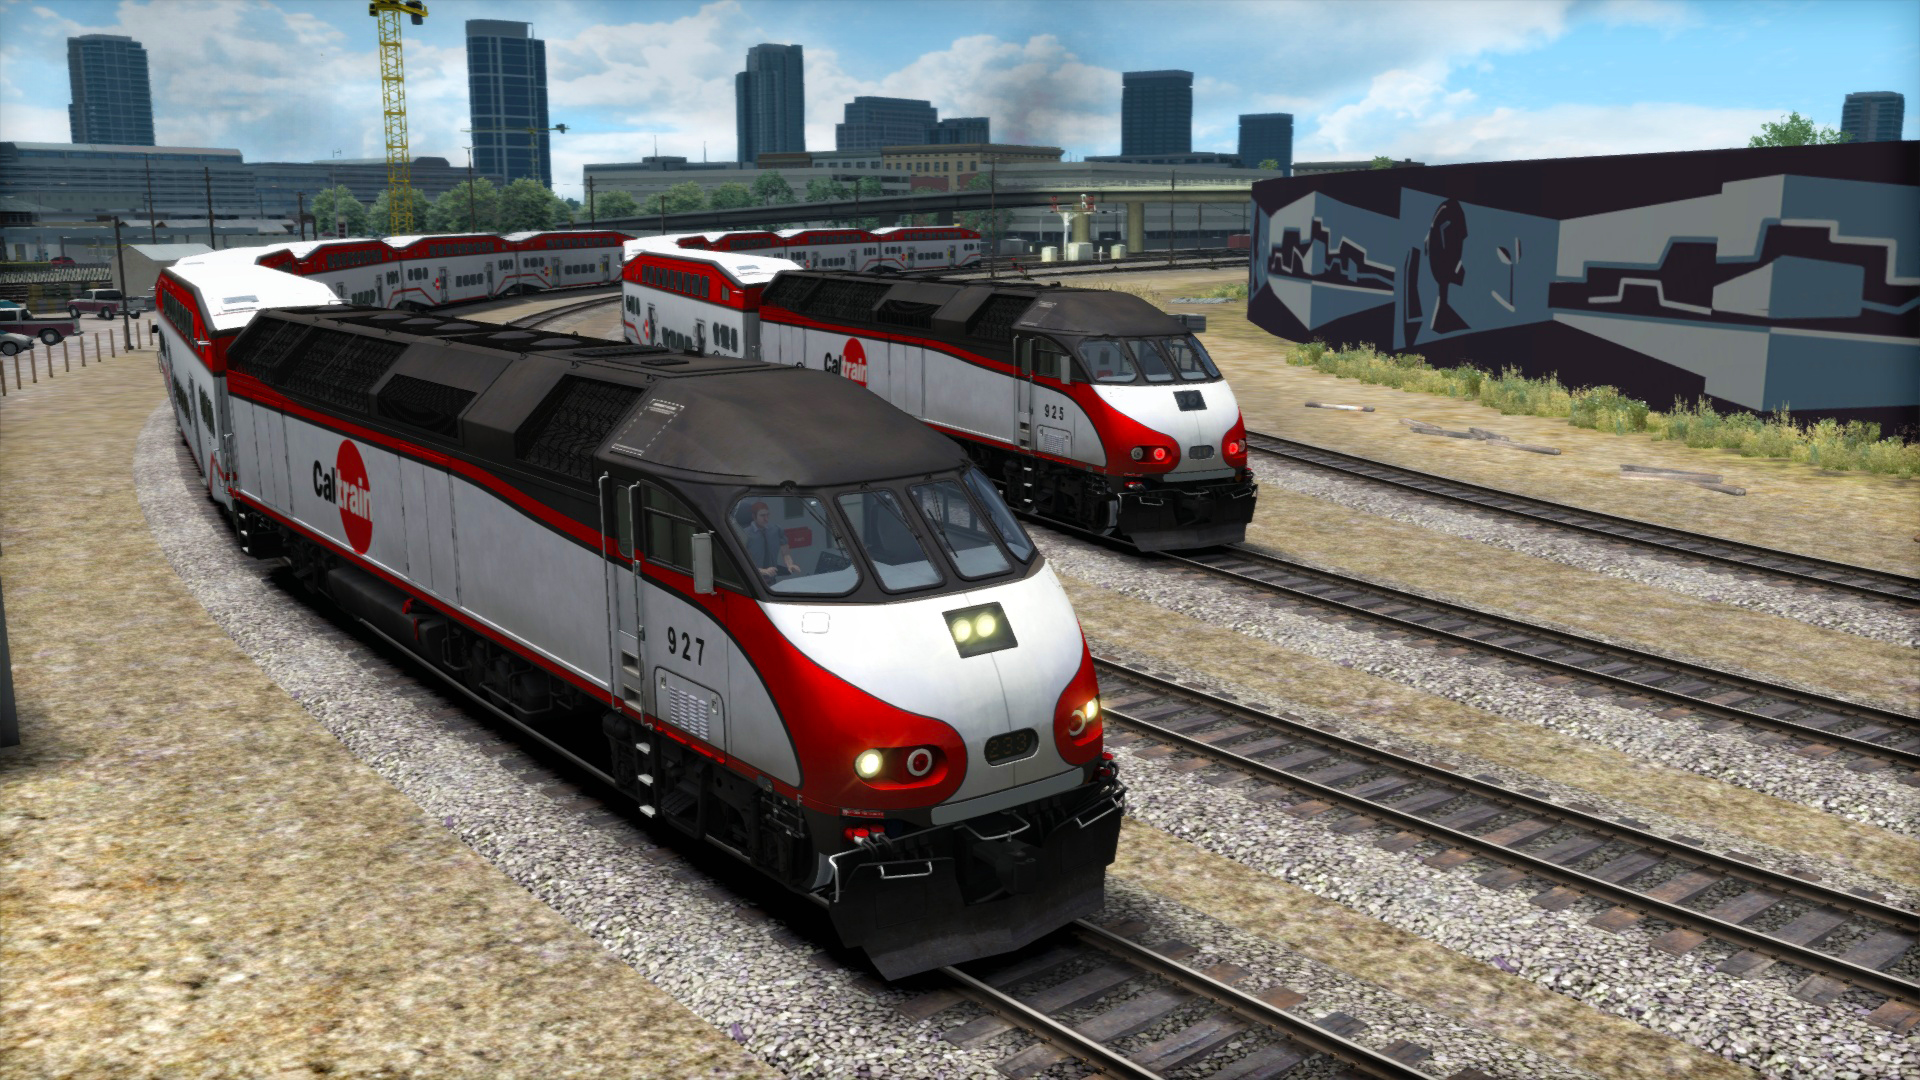 Train Simulator 2018 torrent download